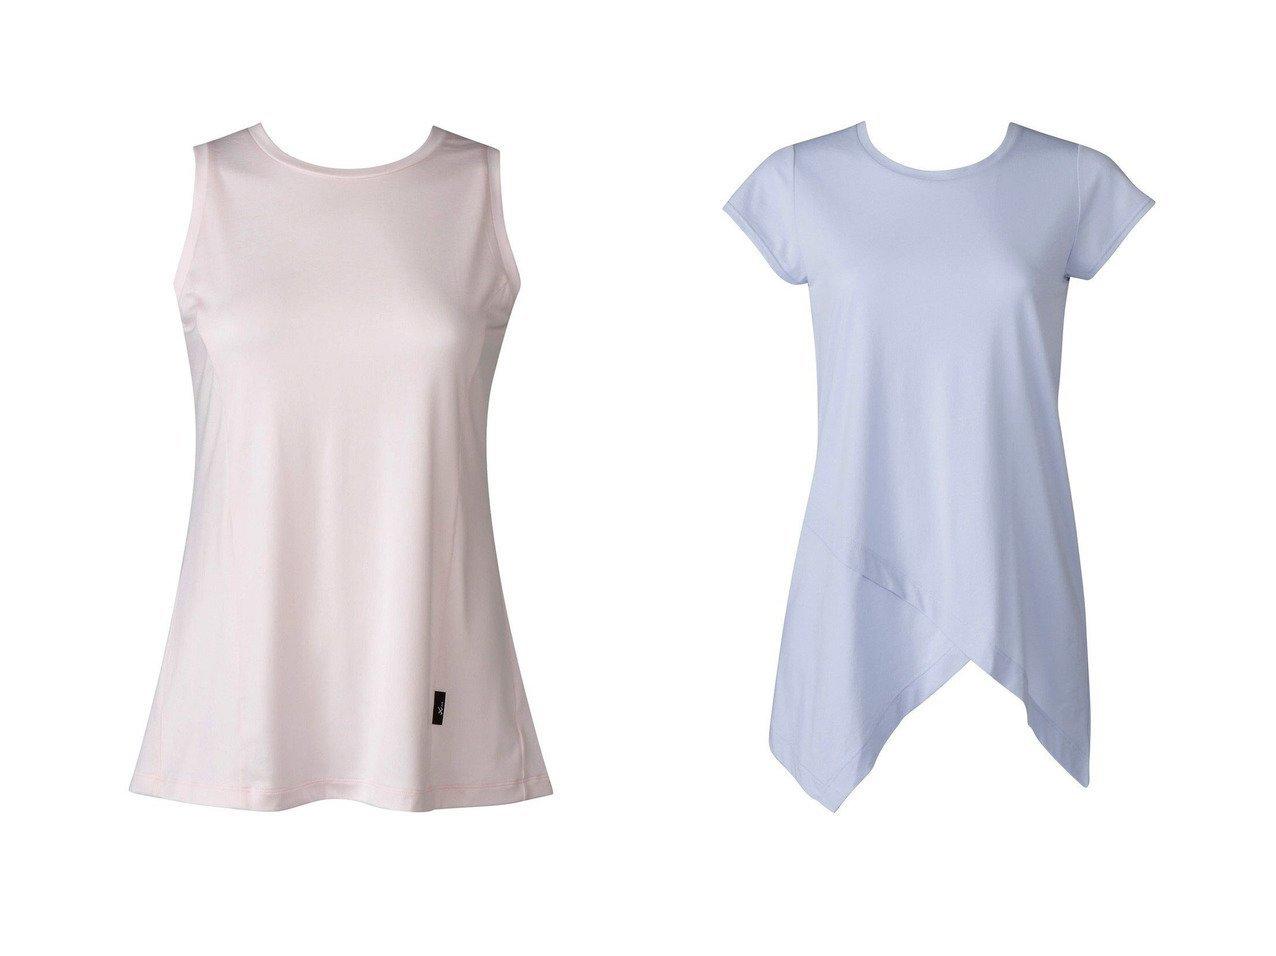 【CW-X/シーダブリューエックス】の【WOMEN】YOGAアウター Tシャツ ノースリーブワコール&【WOMEN】YOGAアウター ロングTシャツ 半袖ワコール スポーツウェア・ヨガ・運動・ダイエットグッズなどのおすすめ!人気トレンド・ファッション通販 おすすめで人気の流行・トレンド、ファッションの通販商品 インテリア・家具・メンズファッション・キッズファッション・レディースファッション・服の通販 founy(ファニー) https://founy.com/ ファッション Fashion レディースファッション WOMEN アウター Coat Outerwear トップス・カットソー Tops/Tshirt キャミソール / ノースリーブ No Sleeves シャツ/ブラウス Shirts/Blouses ロング / Tシャツ T-Shirts 送料無料 Free Shipping なめらか ギャザー ストレッチ ノースリーブ 切替 抗菌 アシンメトリー ロング 半袖 |ID:crp329100000041133